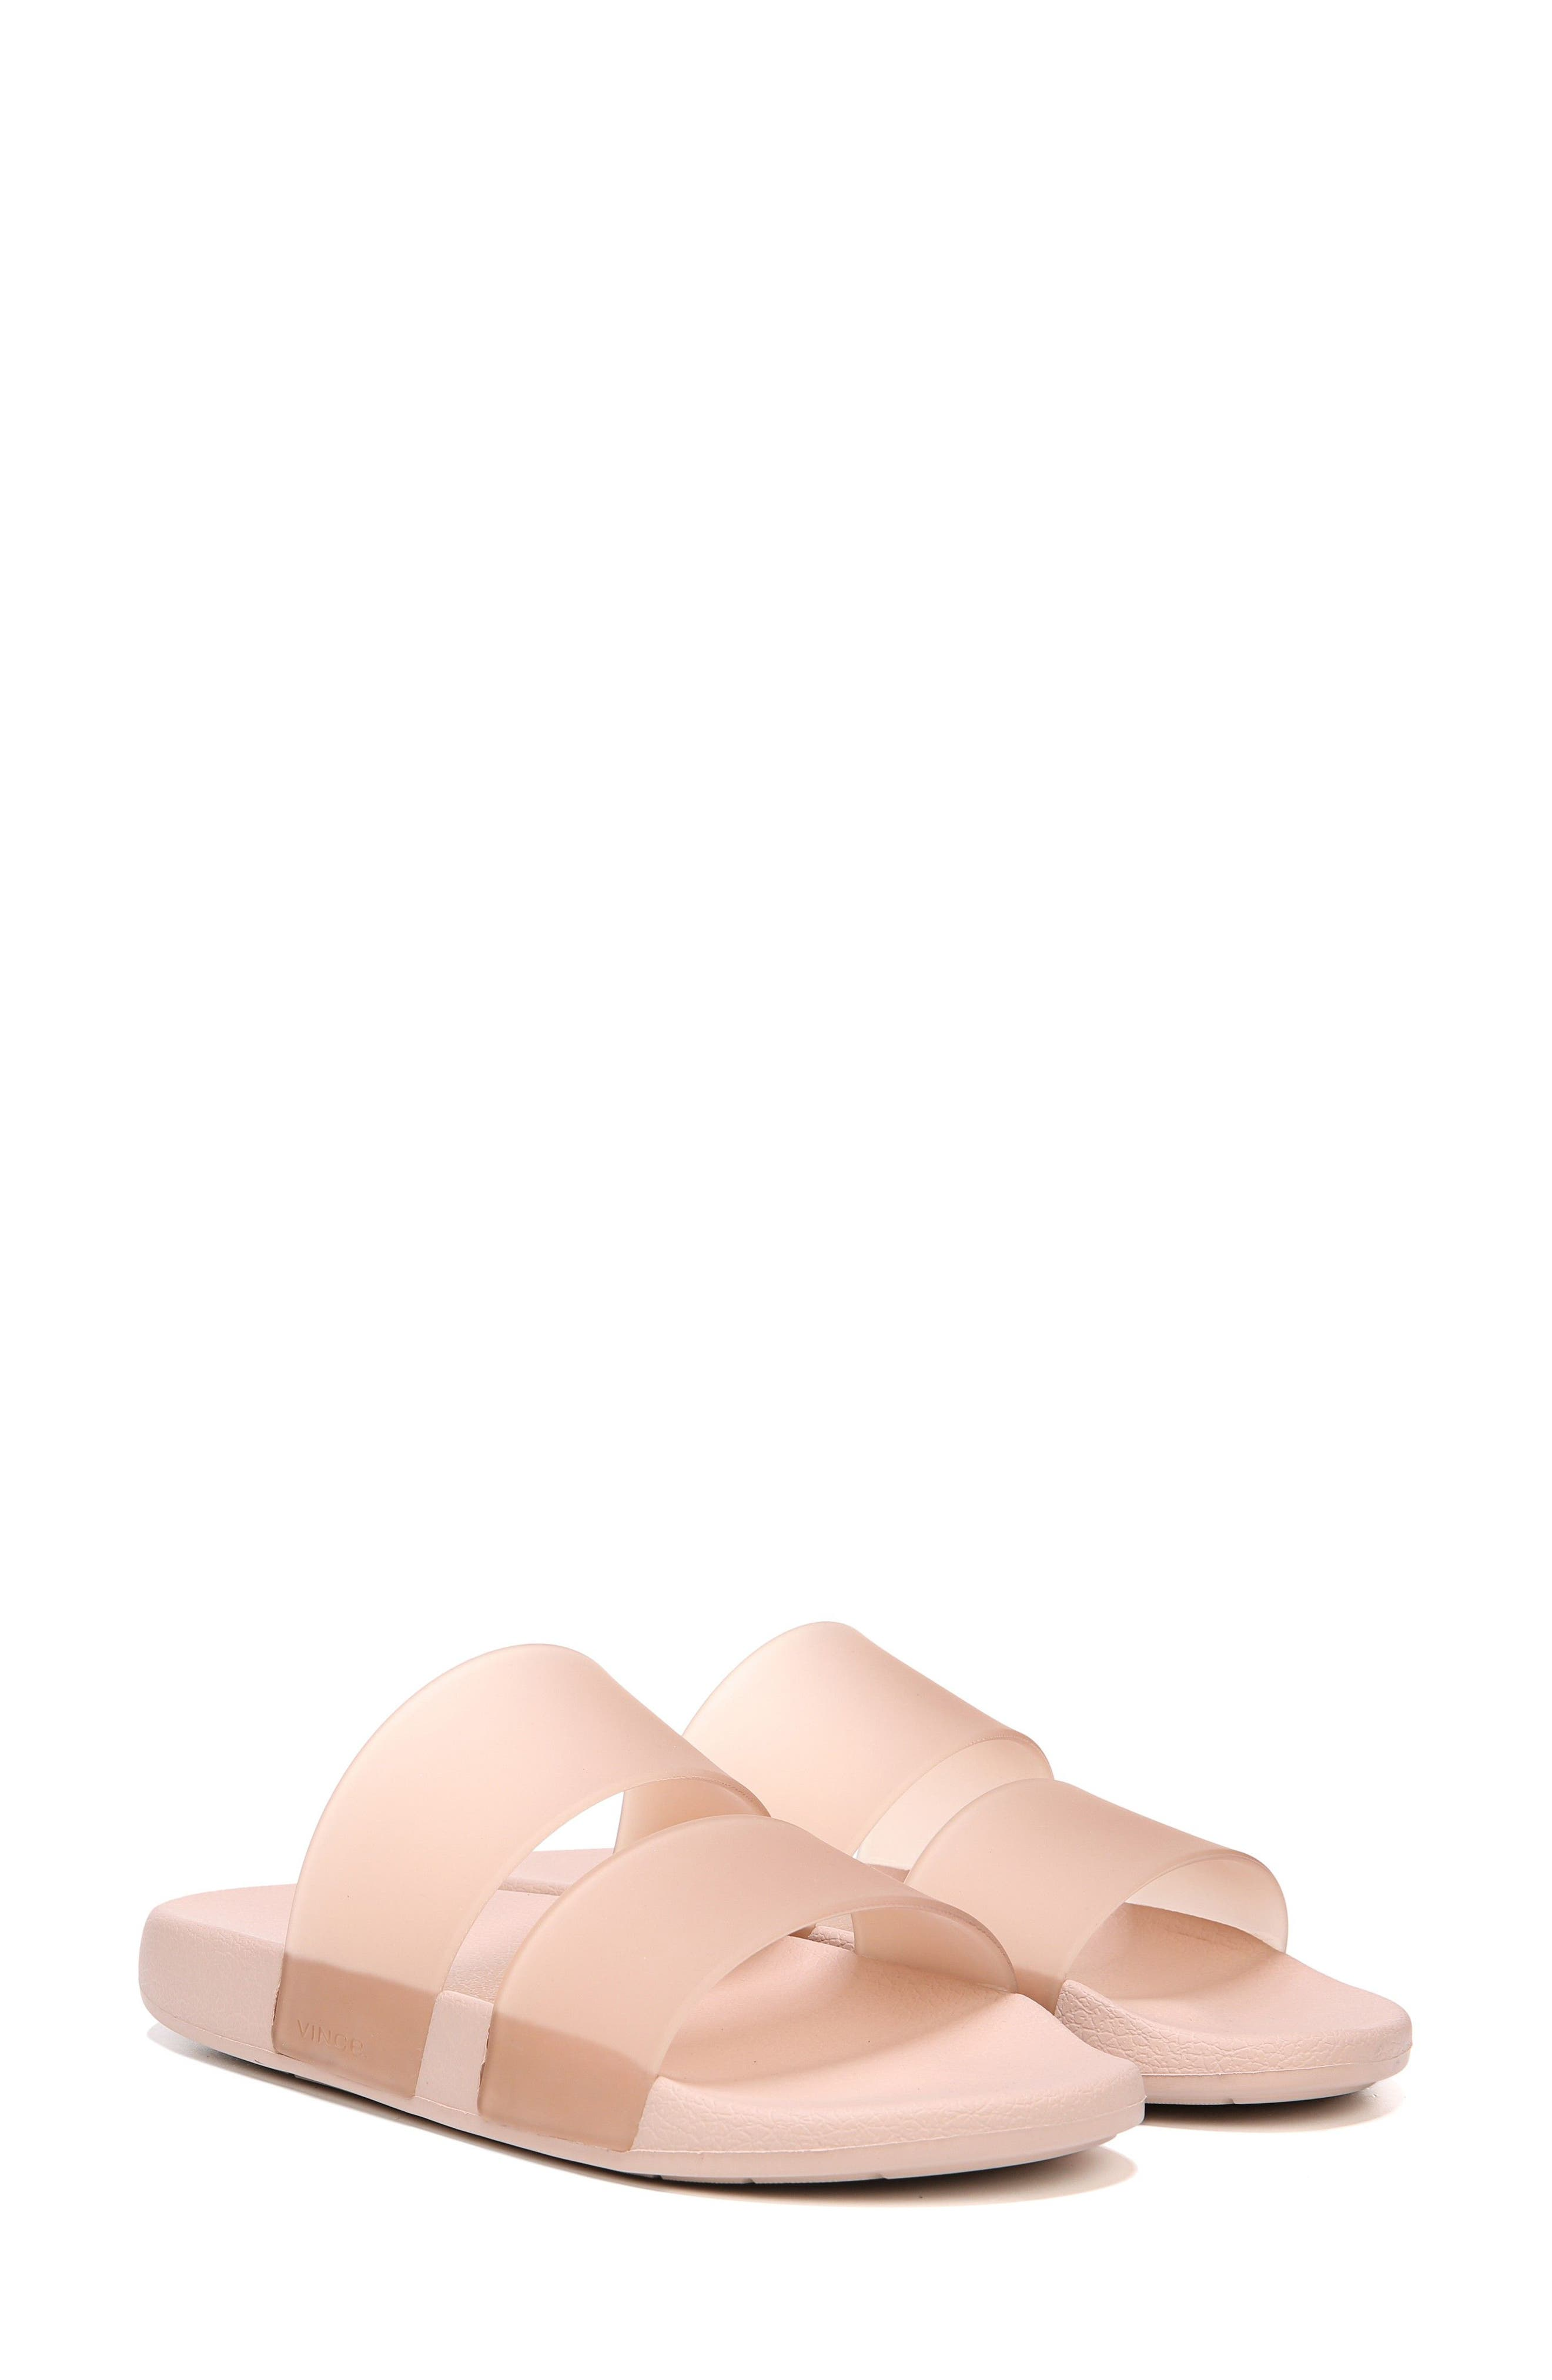 Wynne Slide Sandal,                             Alternate thumbnail 7, color,                             021